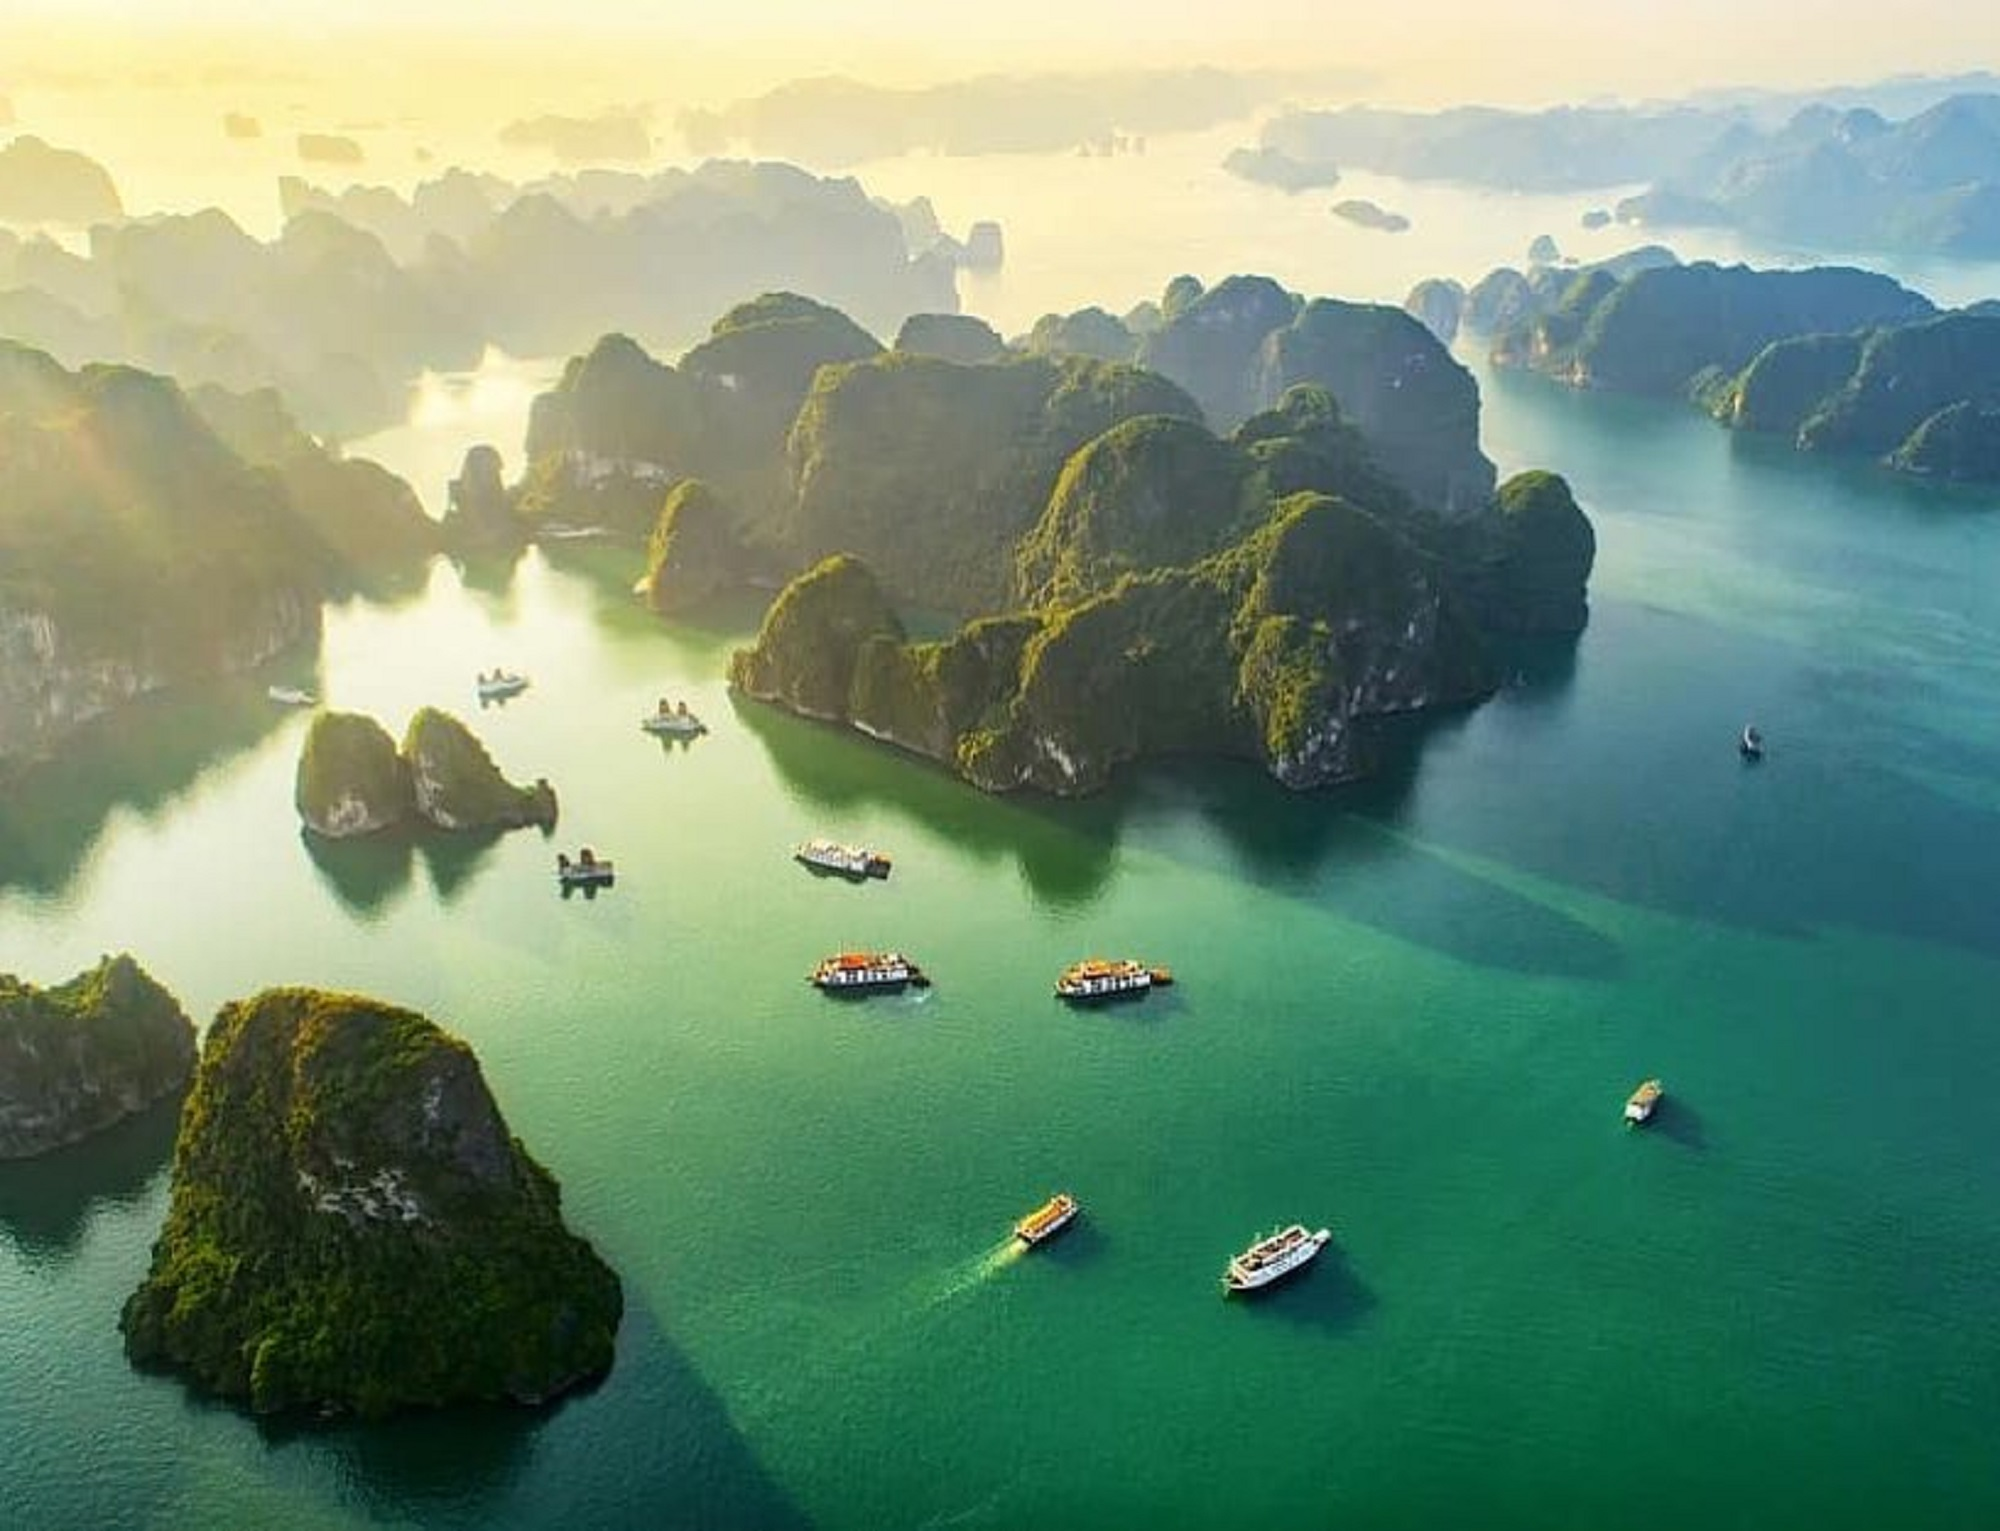 Chìa khóa nào cho sự phát triển du lịch bền vững ở Việt Nam?  - Ảnh 1